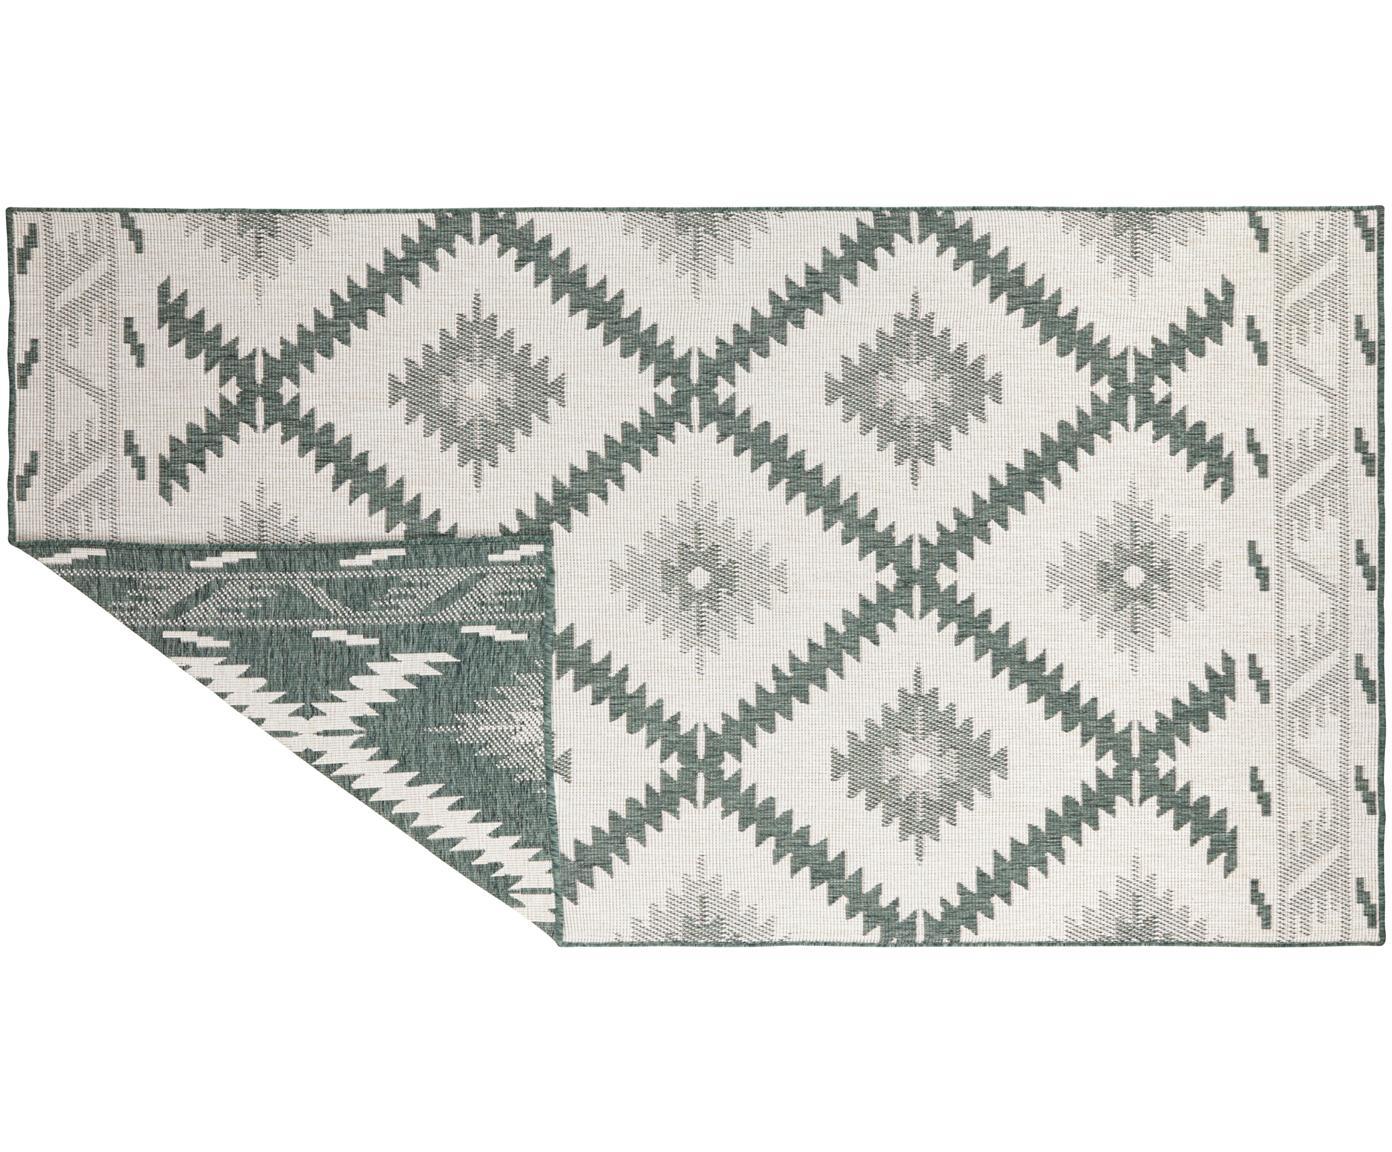 In- und Outdoor-Wendeteppich Malibu in Grün/Creme, Grün, Creme, B 80 x L 150 cm (Größe XS)